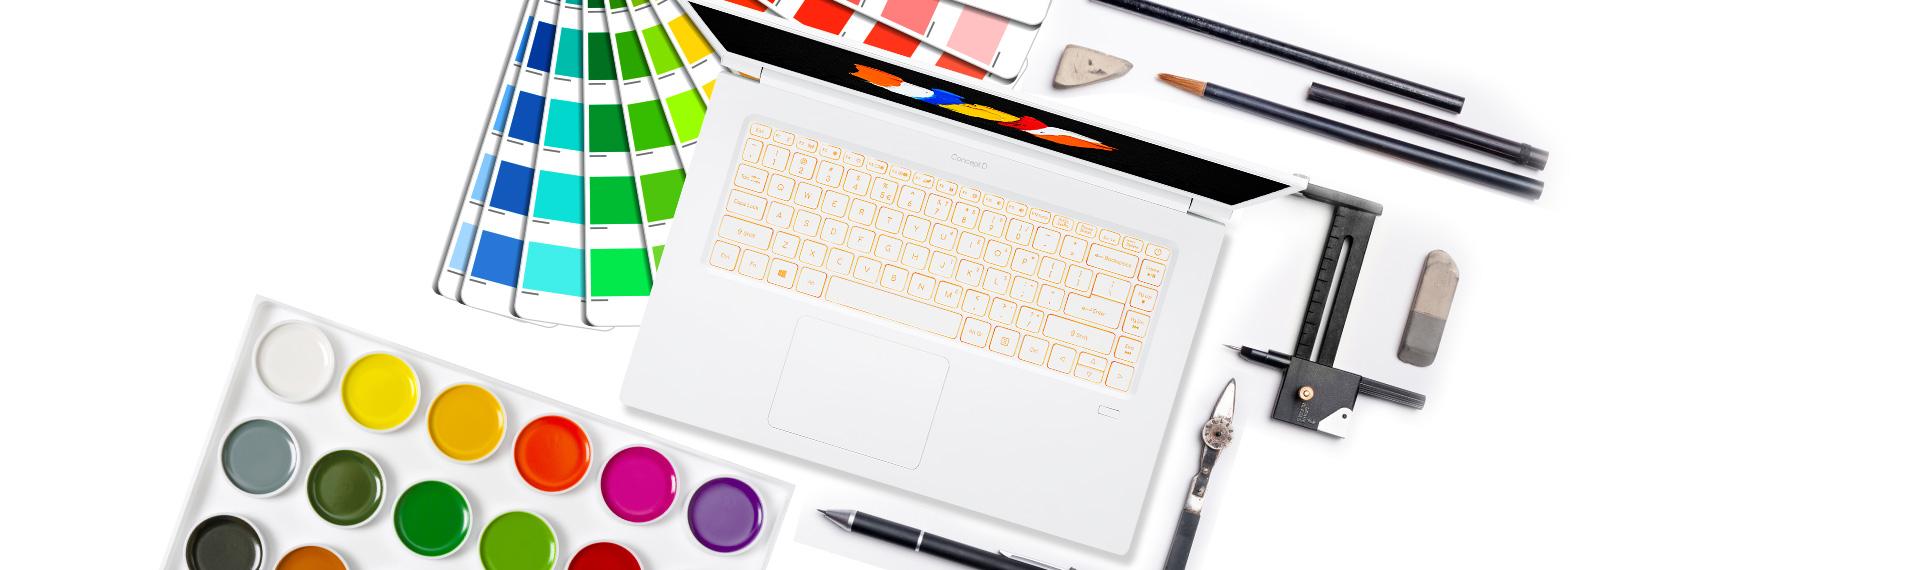 ConceptD 5, Laptop Keren untuk Kebutuhan Desainer Profesional